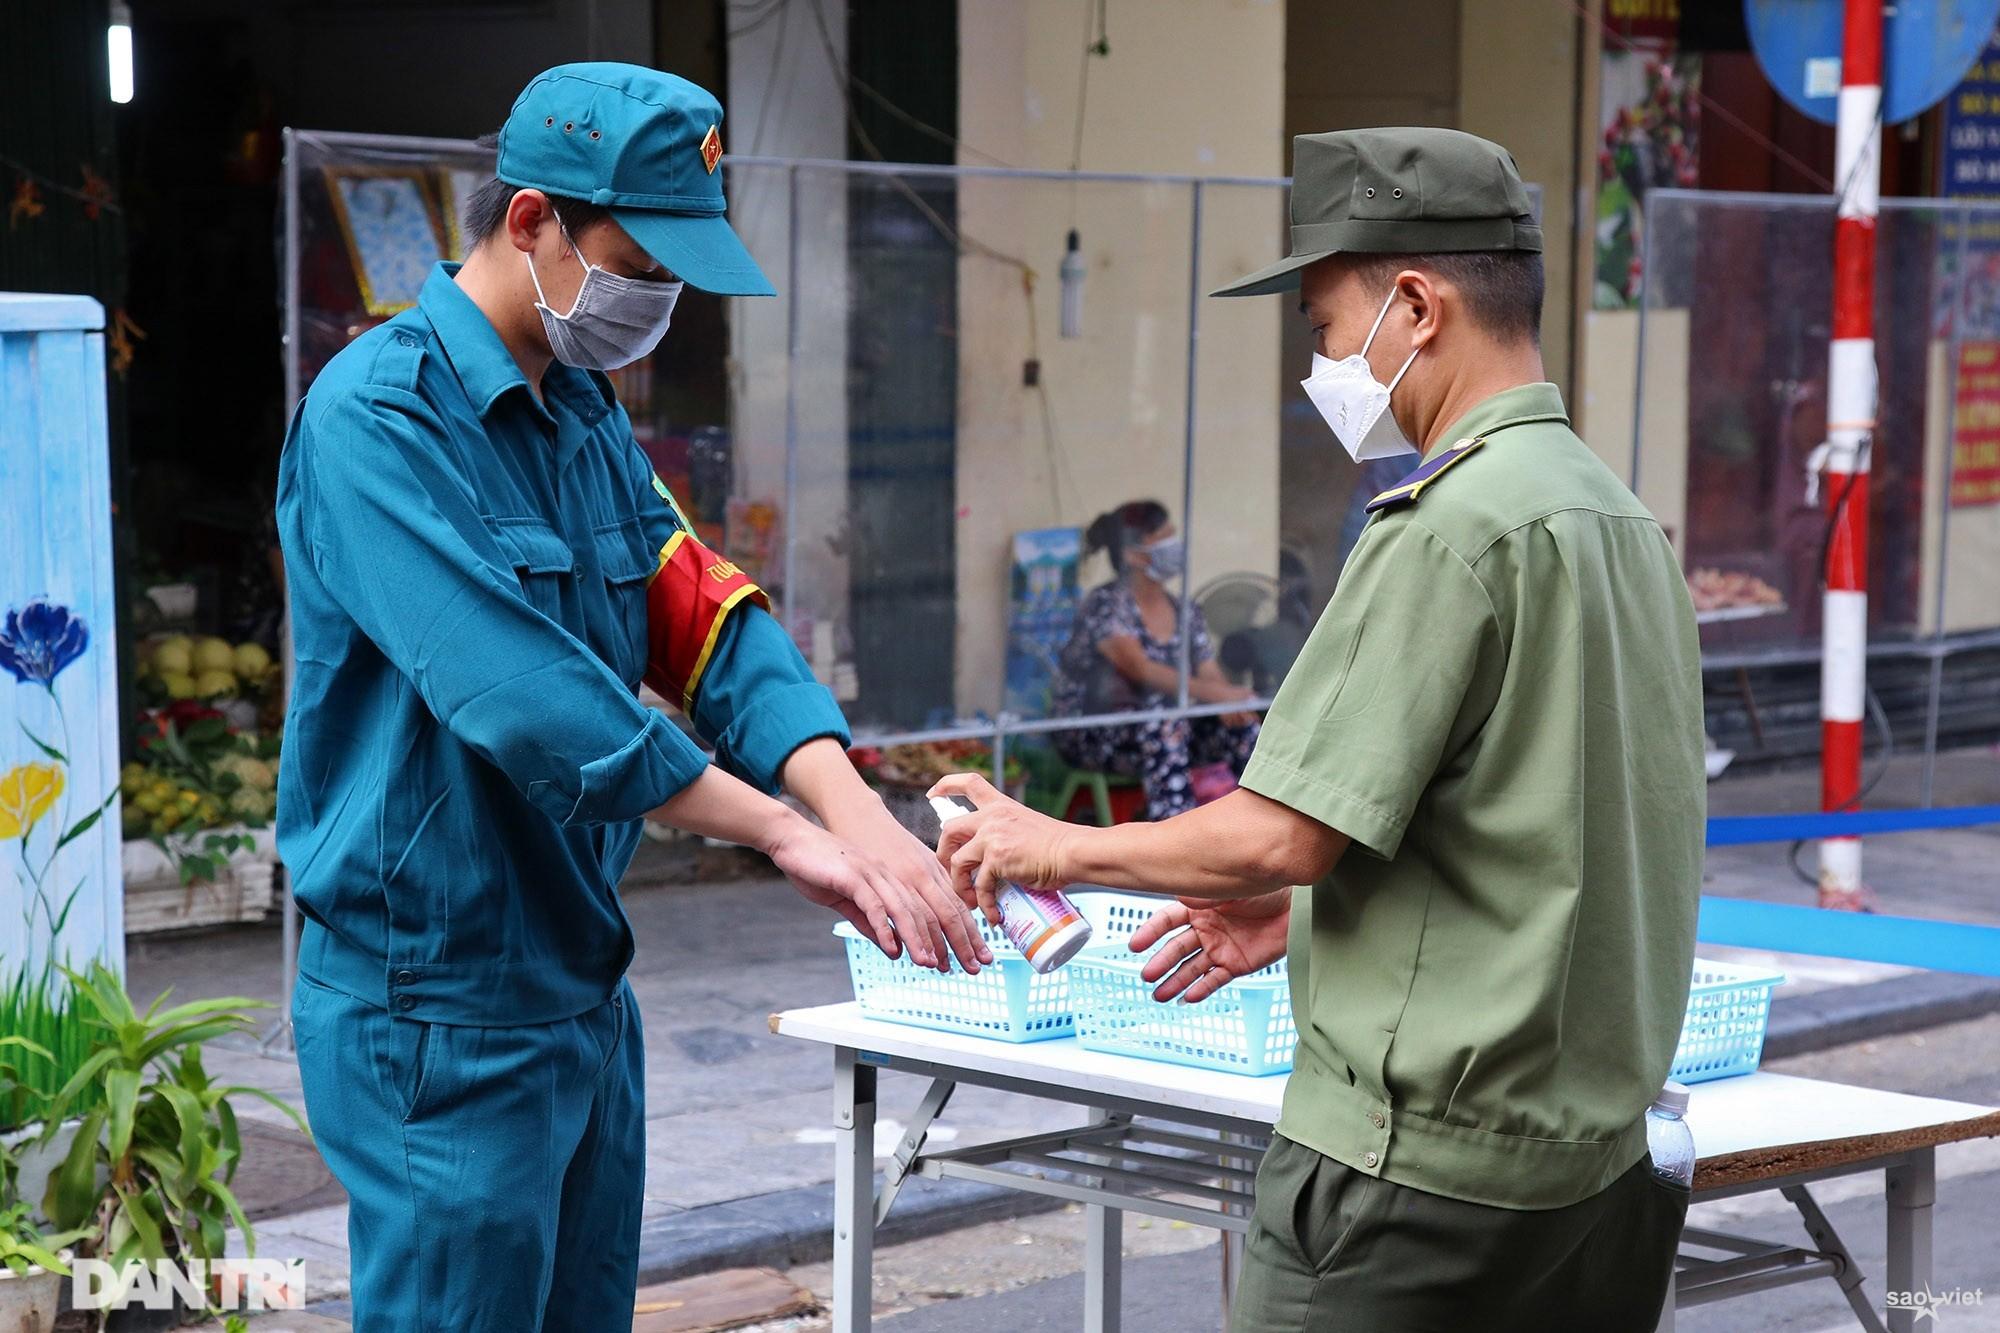 Mới lạ cảnh mua bán bằng ám hiệu ngón tay ở chợ nhà giàu phố cổ Hà Nội - 9